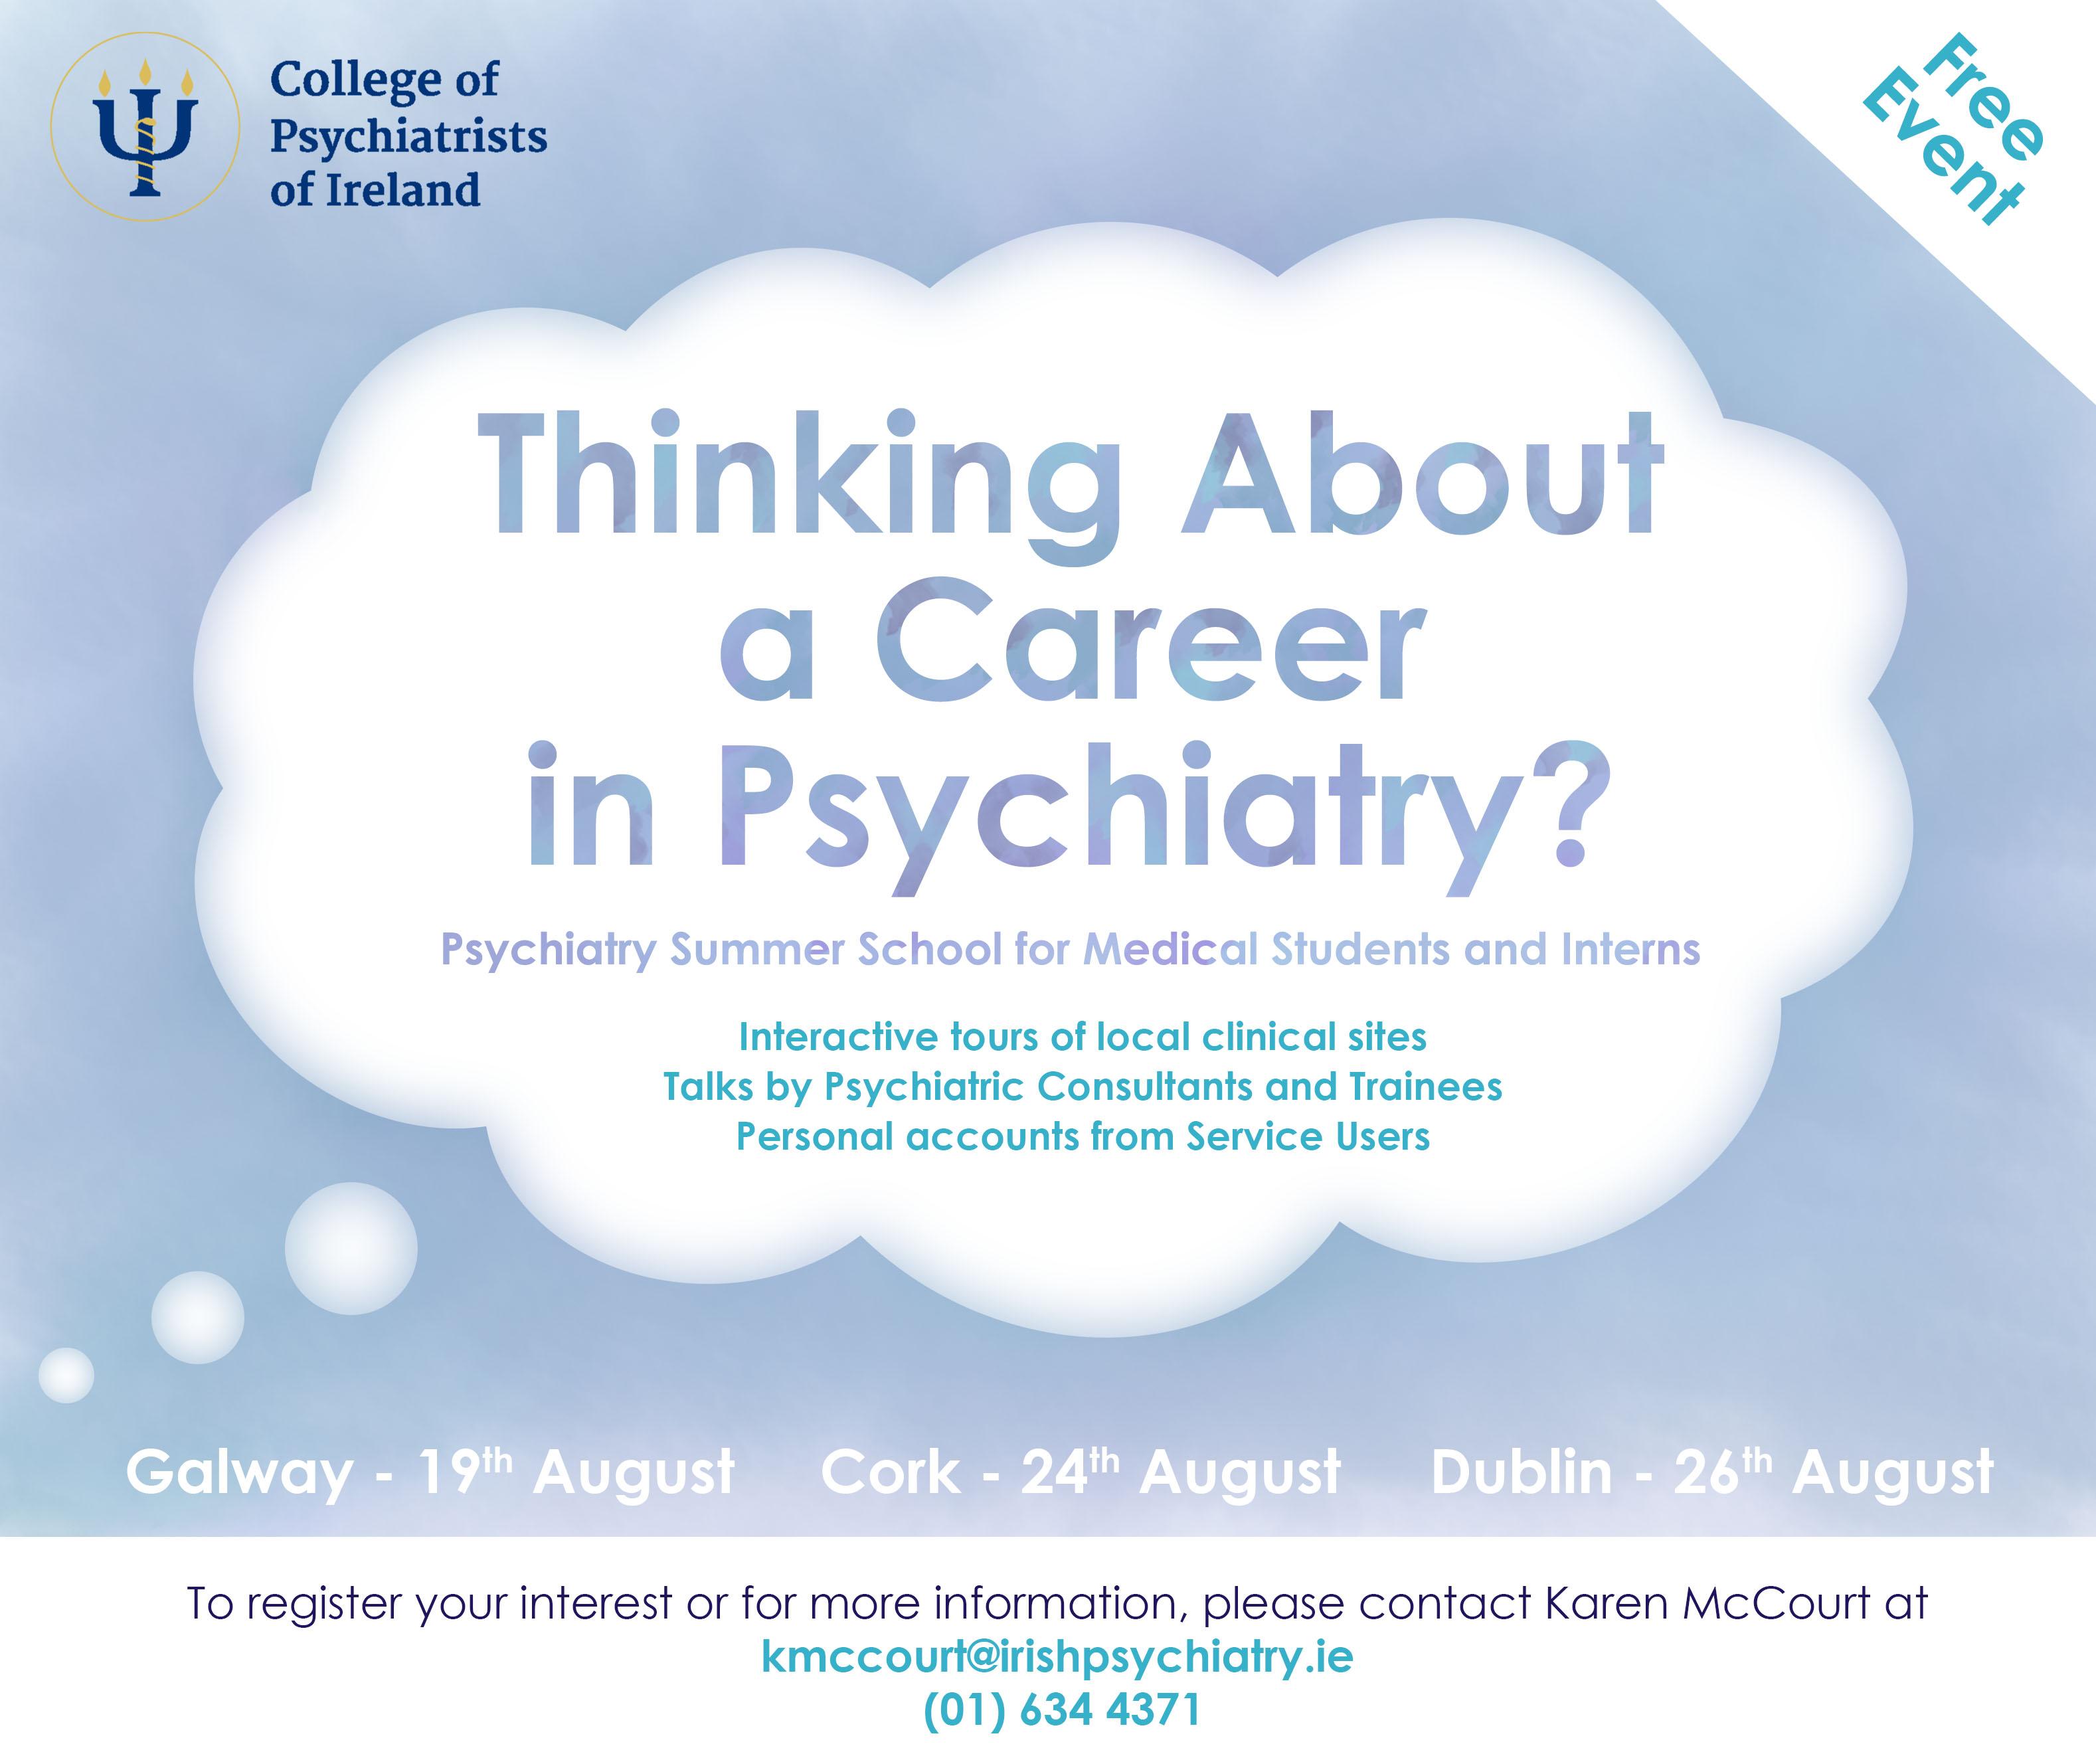 Summer Schools 2016 – The College of Psychiatrists of Ireland